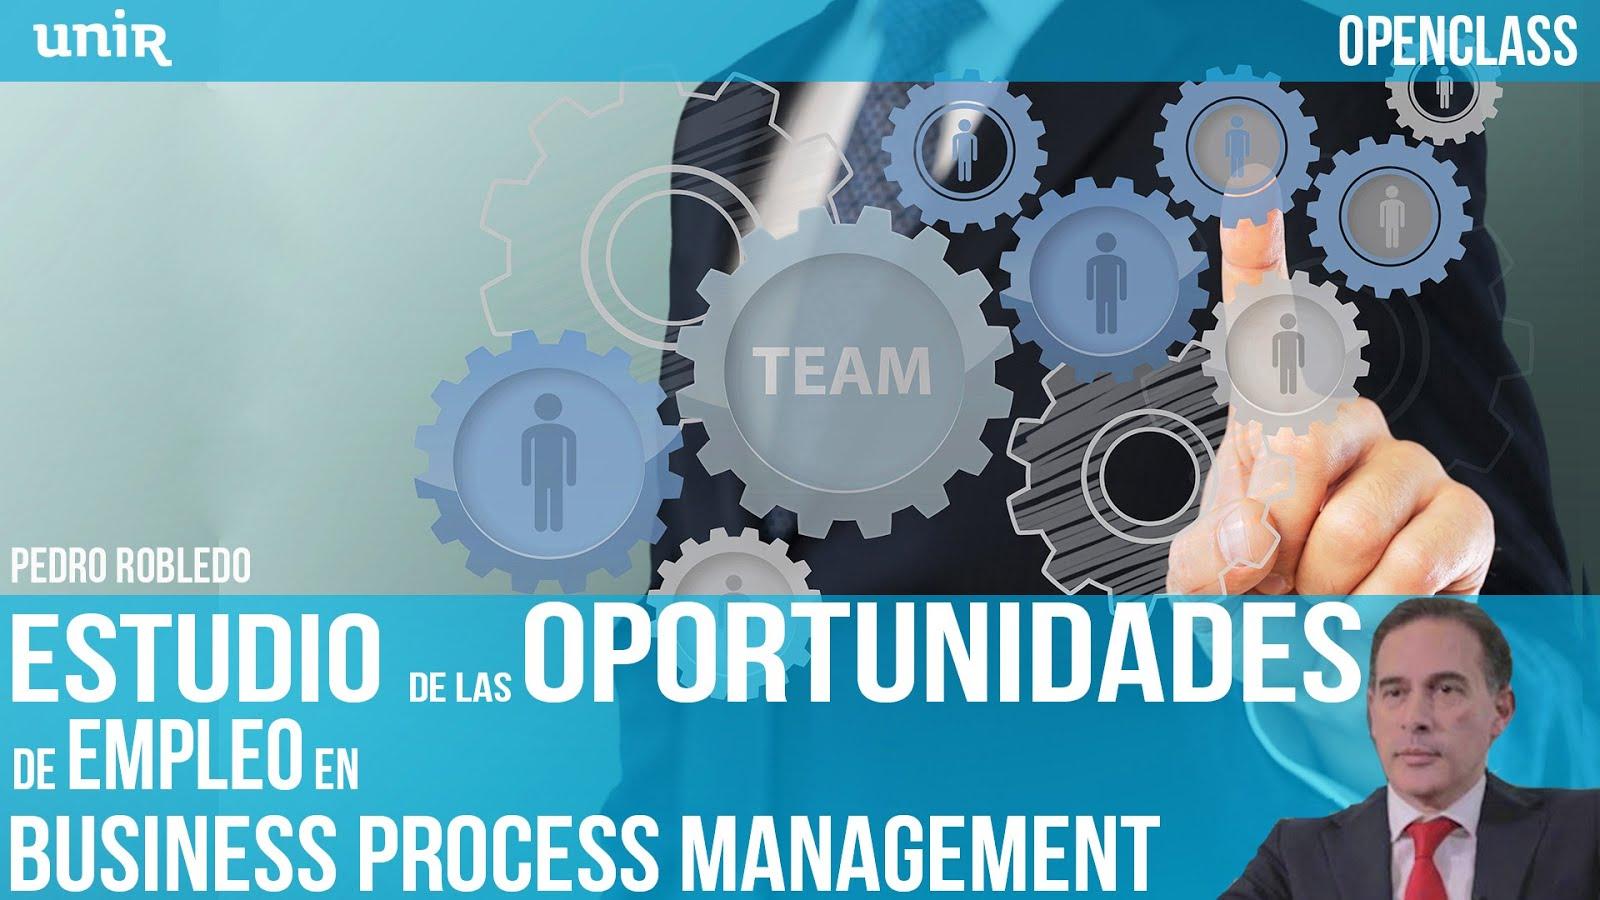 25 Enero: Openclass Online: Estudio de las Oportunidades de Empleo en BPM